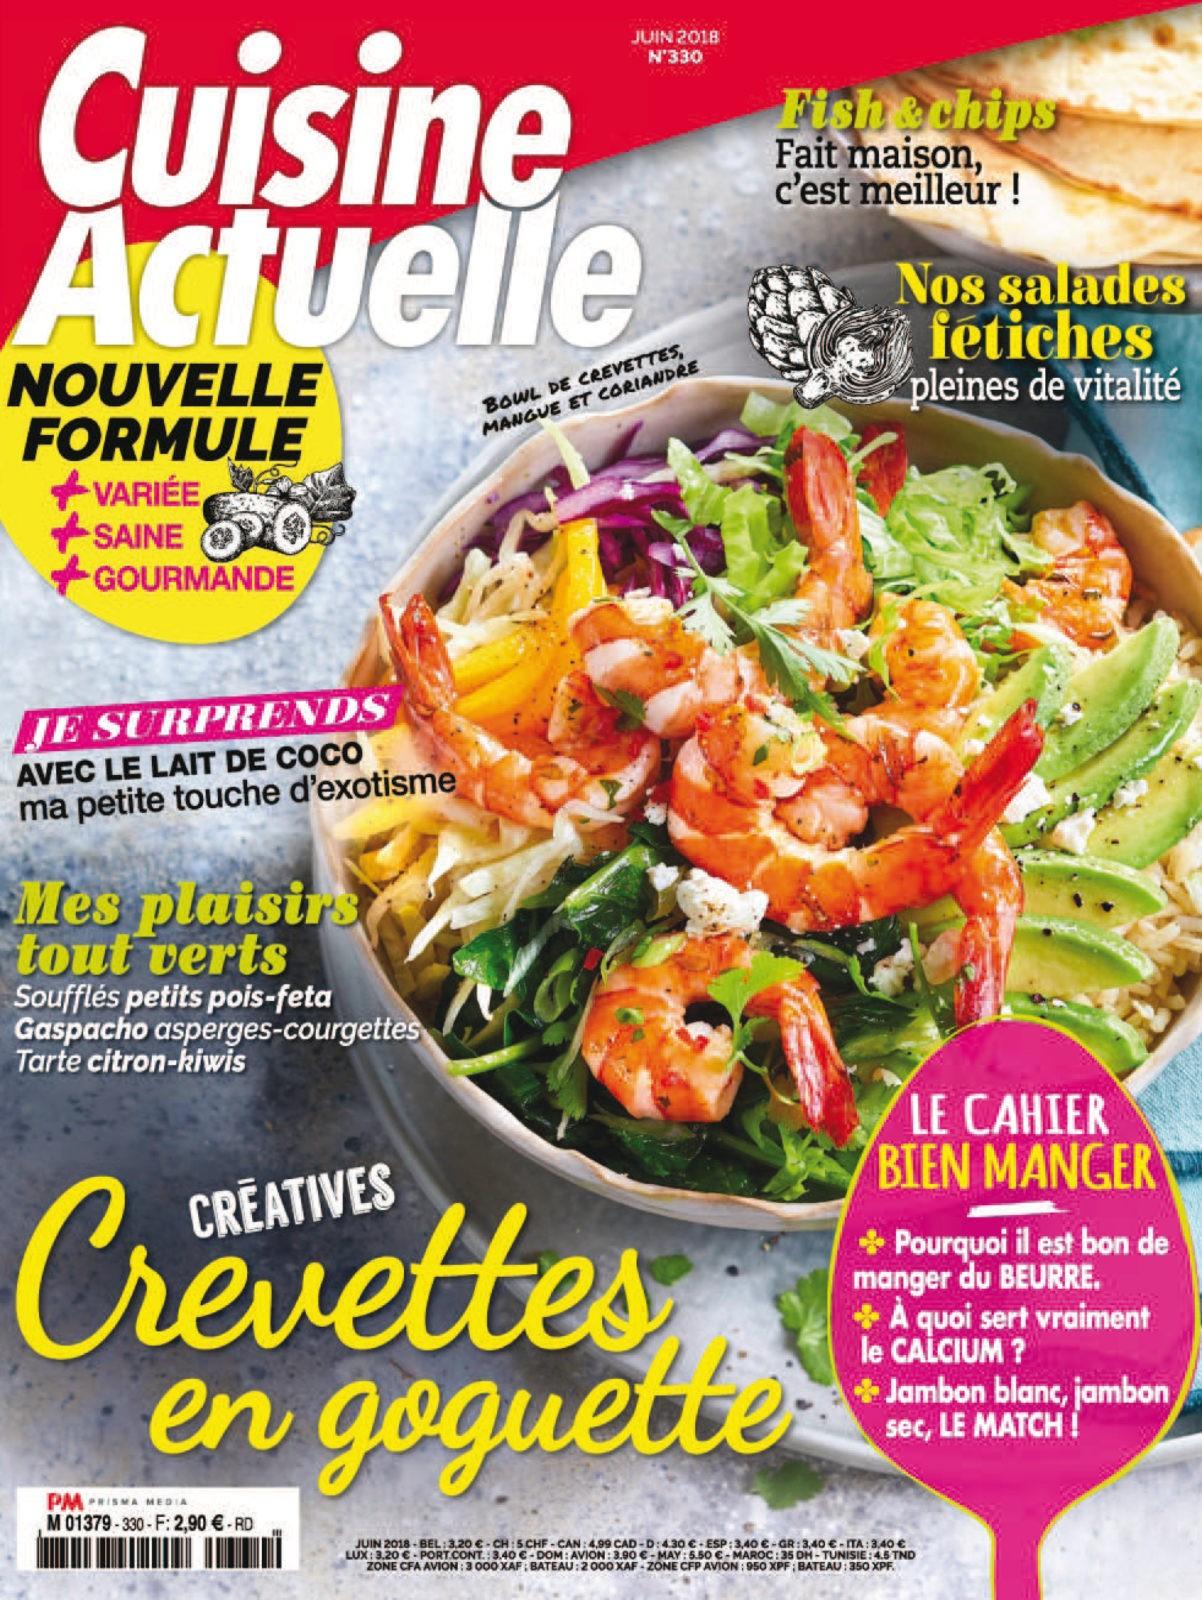 Cuisine Actuelle No. 330 - Juin 2018